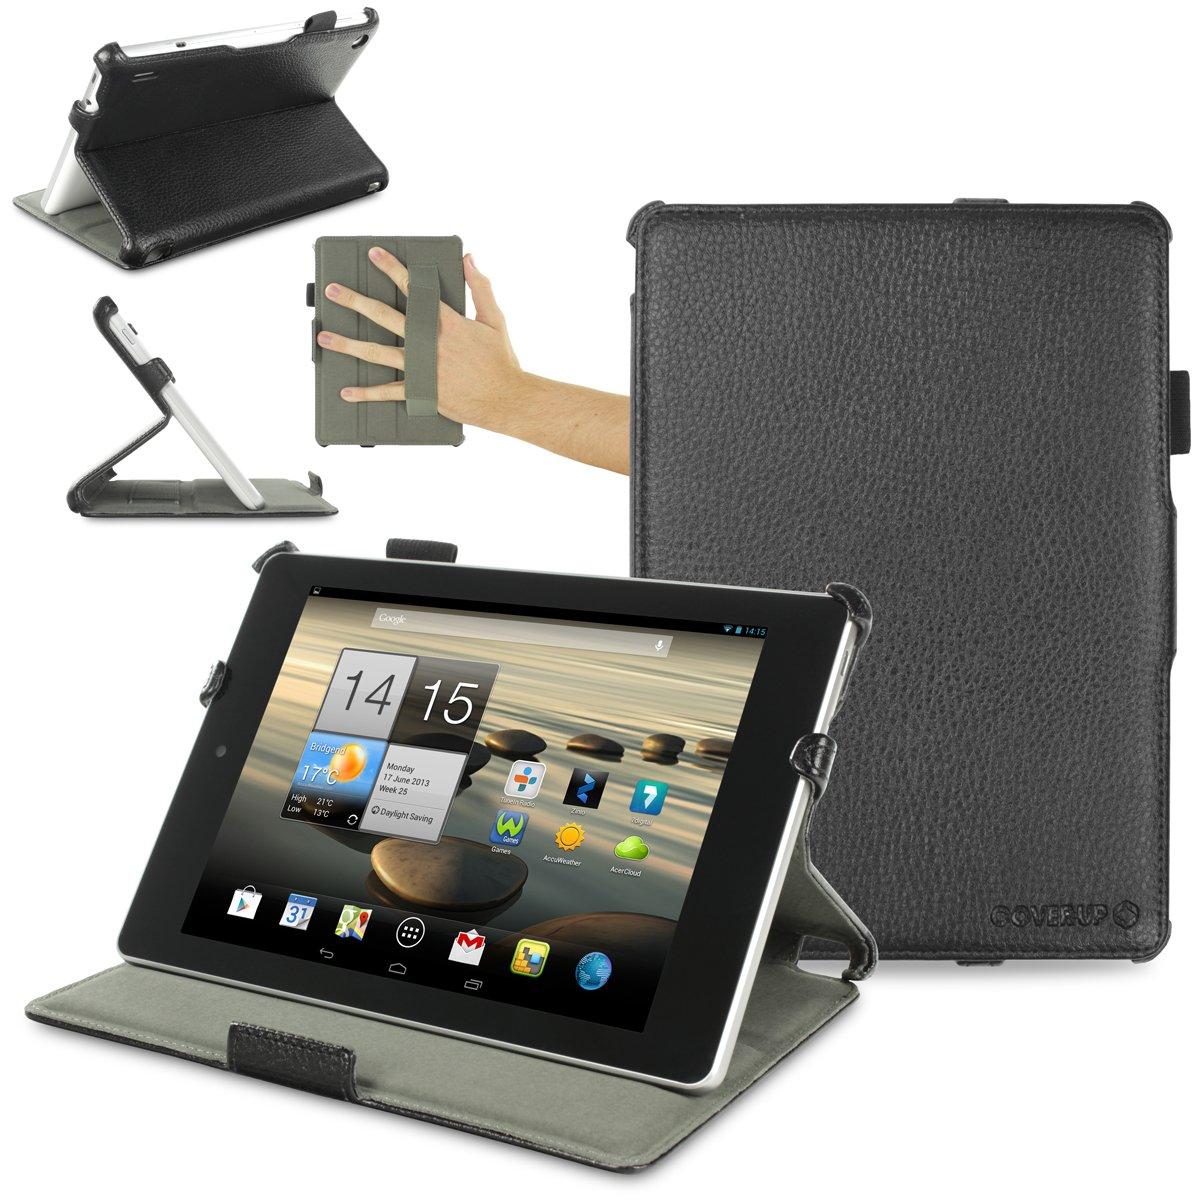 Cover-Up - Funda con función atril para tablet Acer Iconia A1-810/ A1-811 de 9,7, color negro  Informática revisión y descripción más